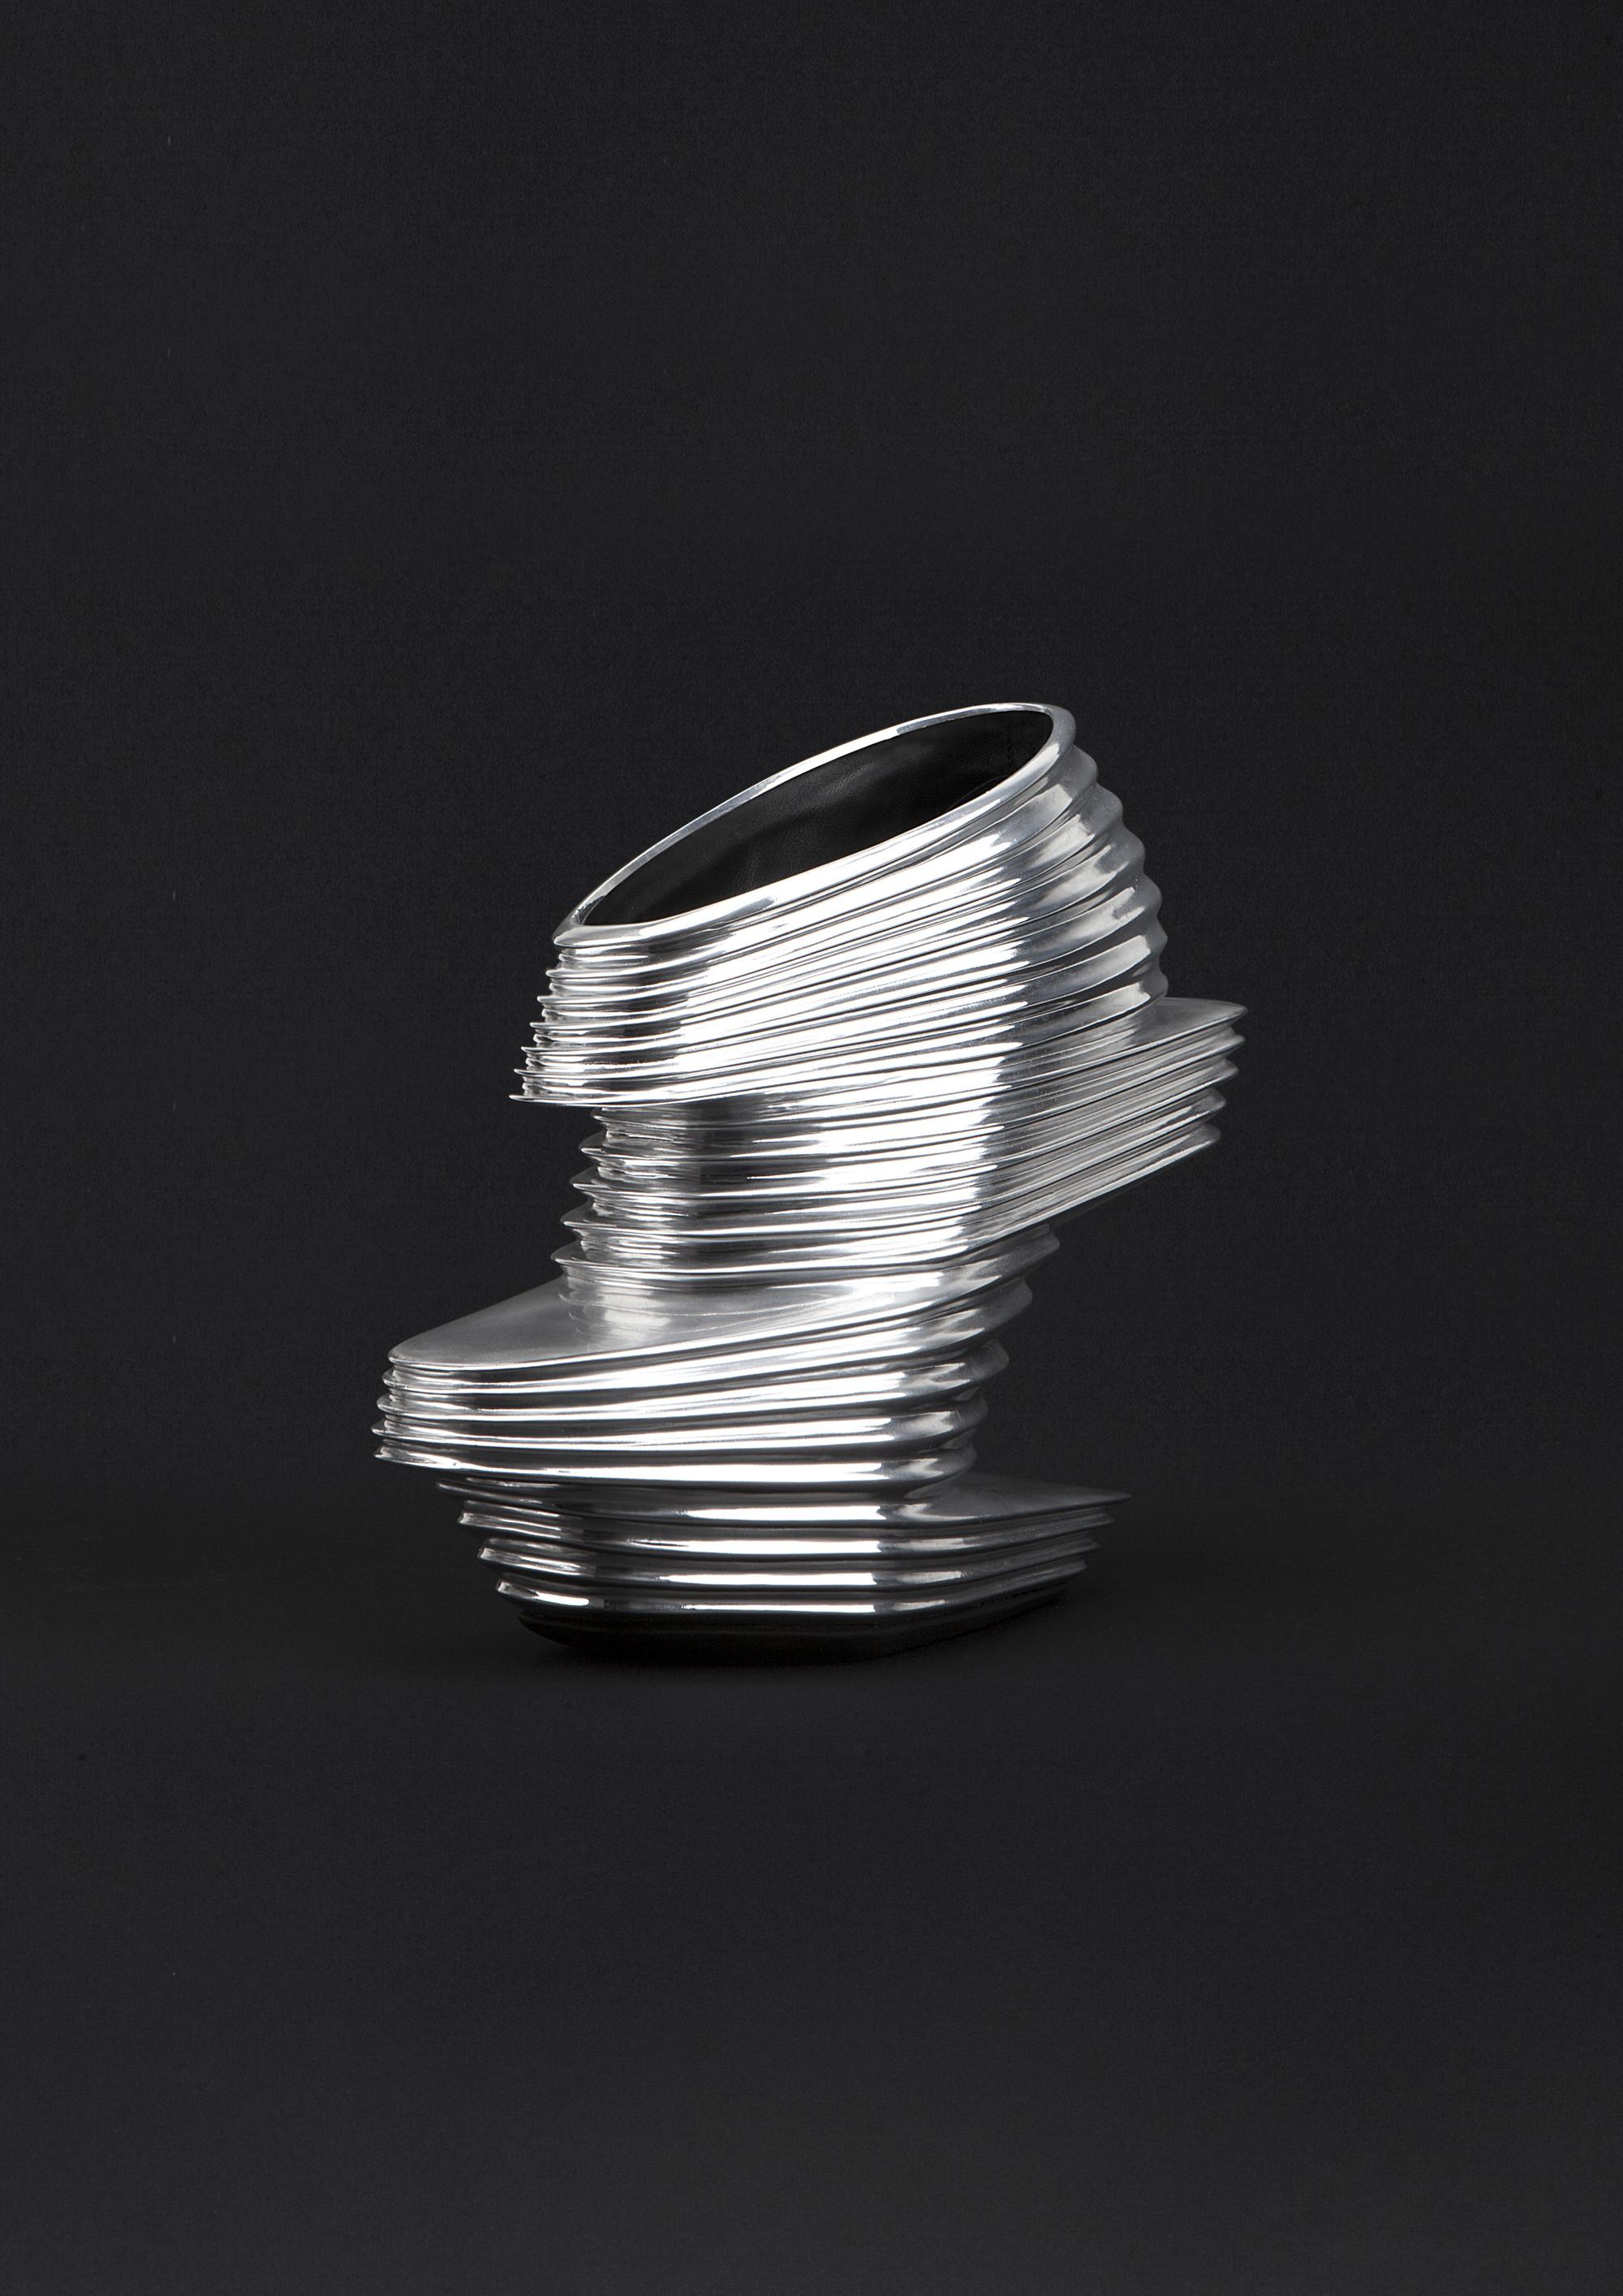 zaha hadid NOVA shoes for united nude